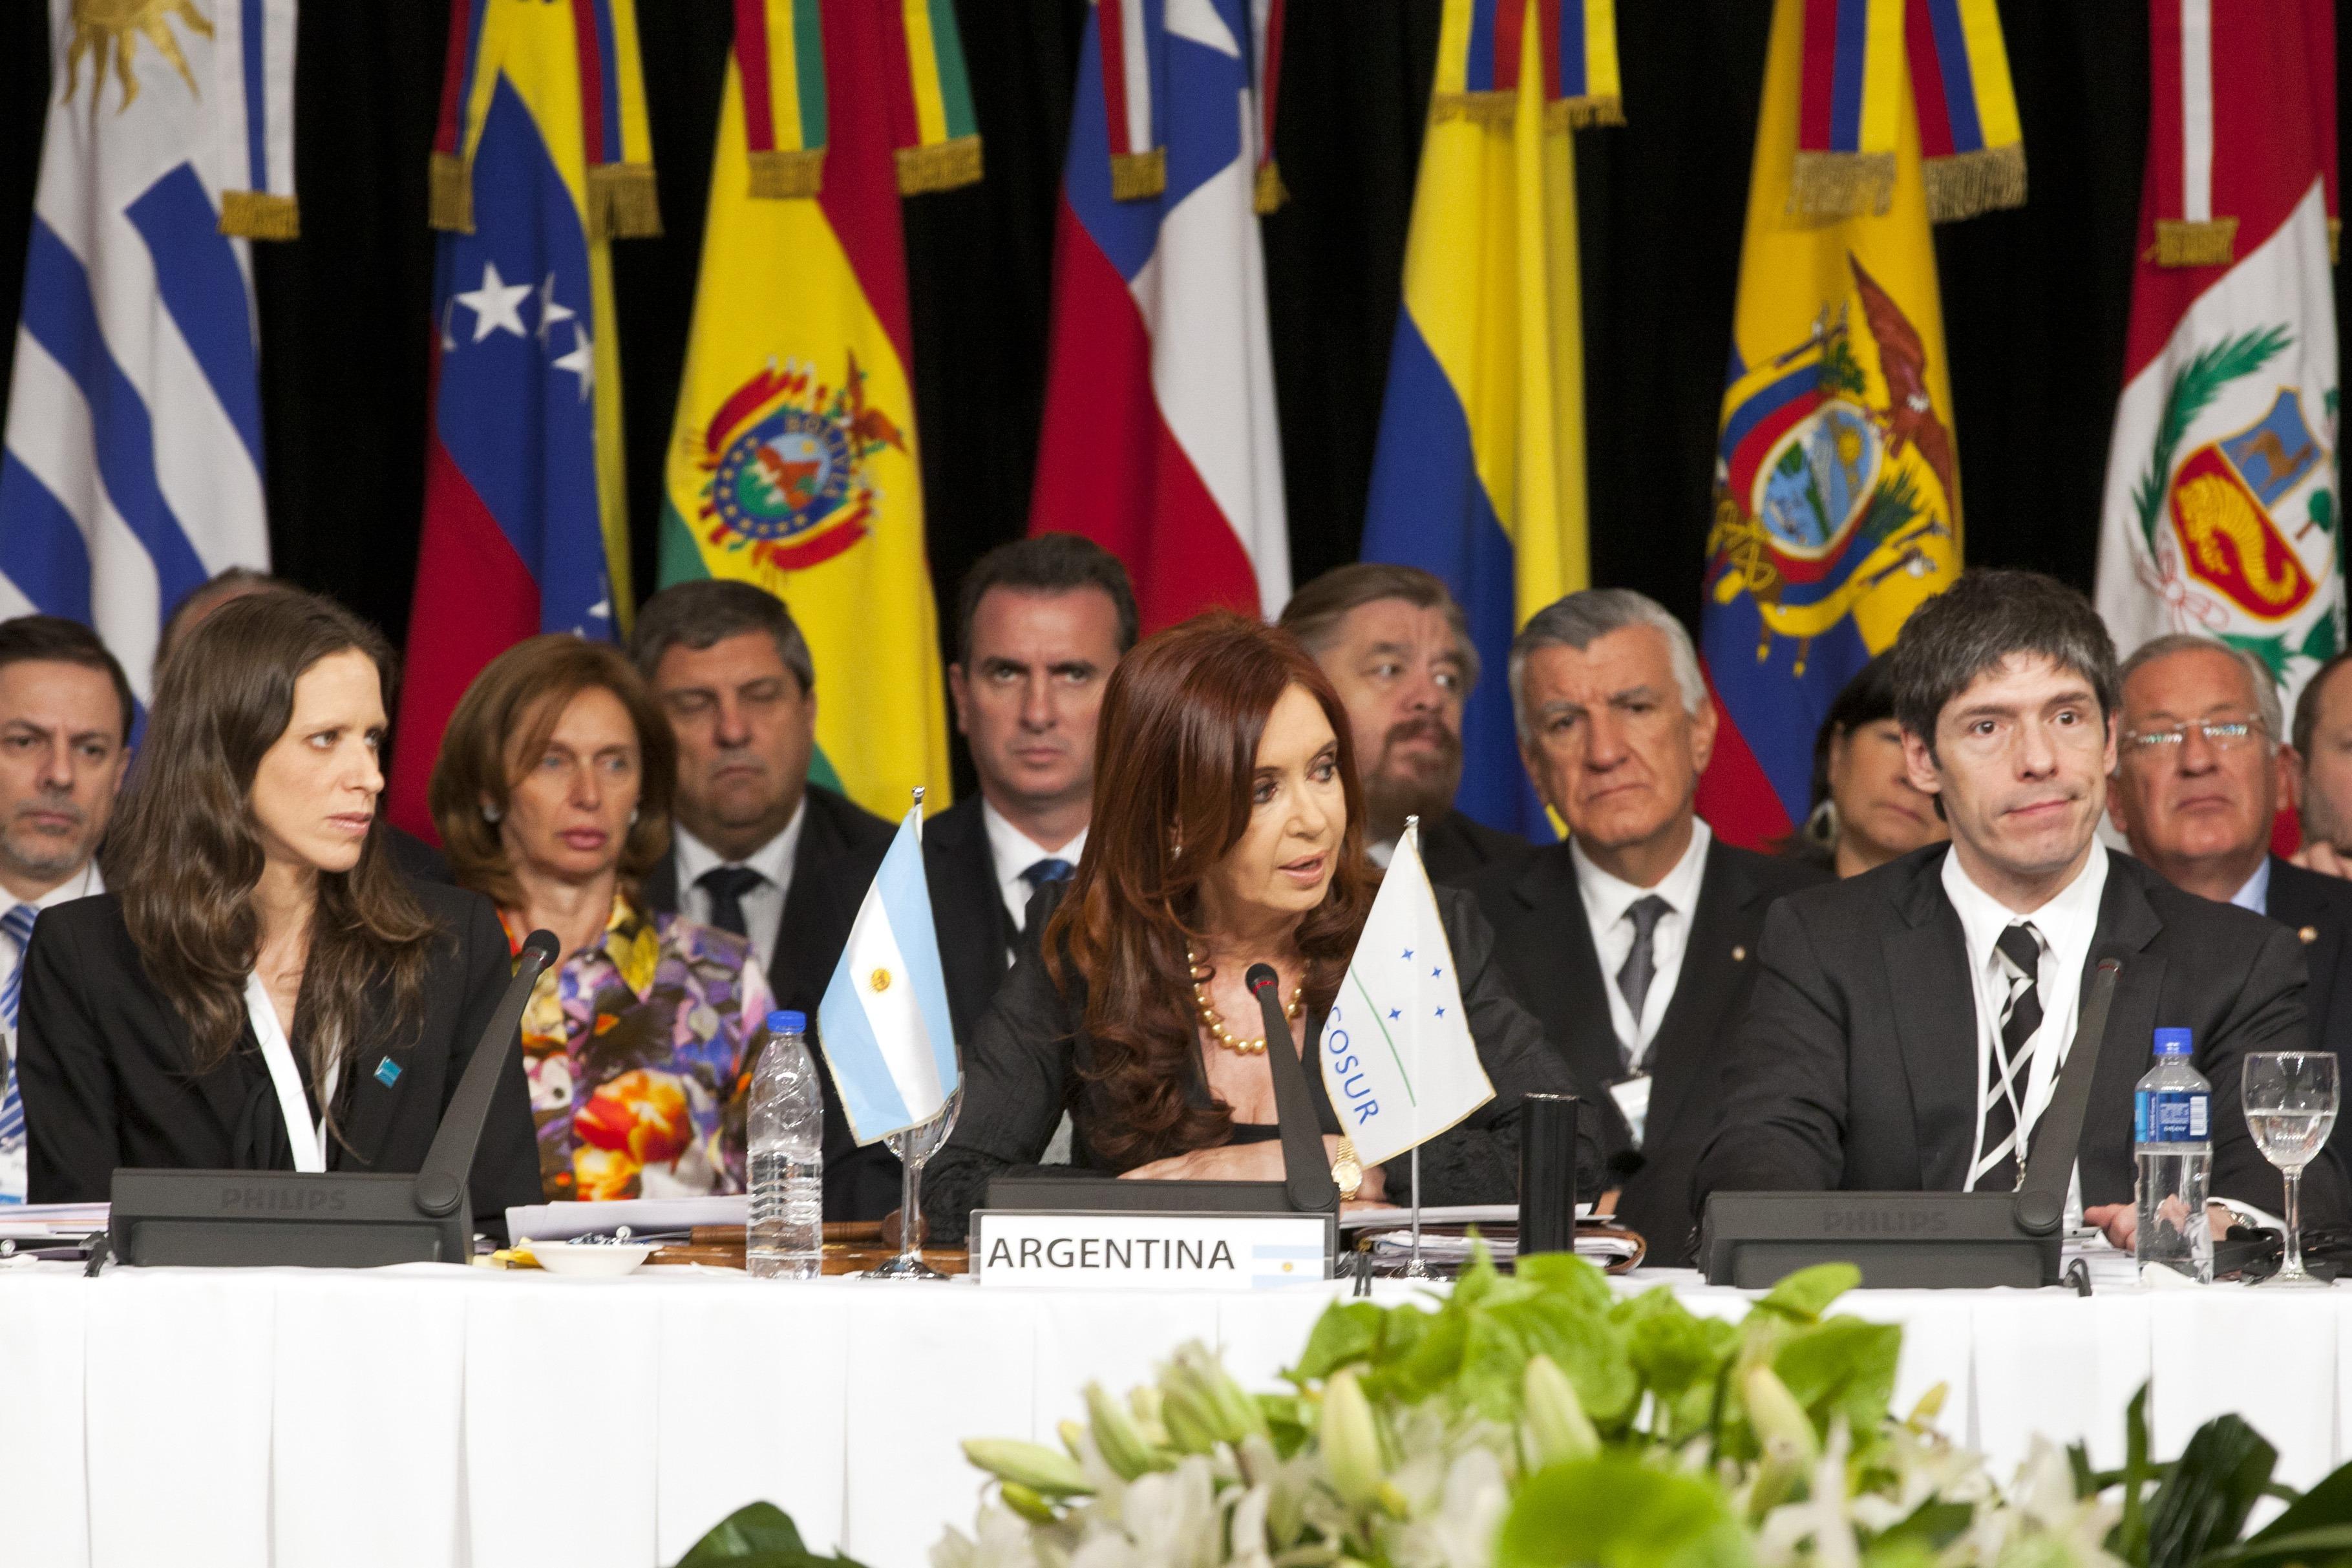 Inauguración de la XLIII Cumbre de Jefes y Jefas de Estado del